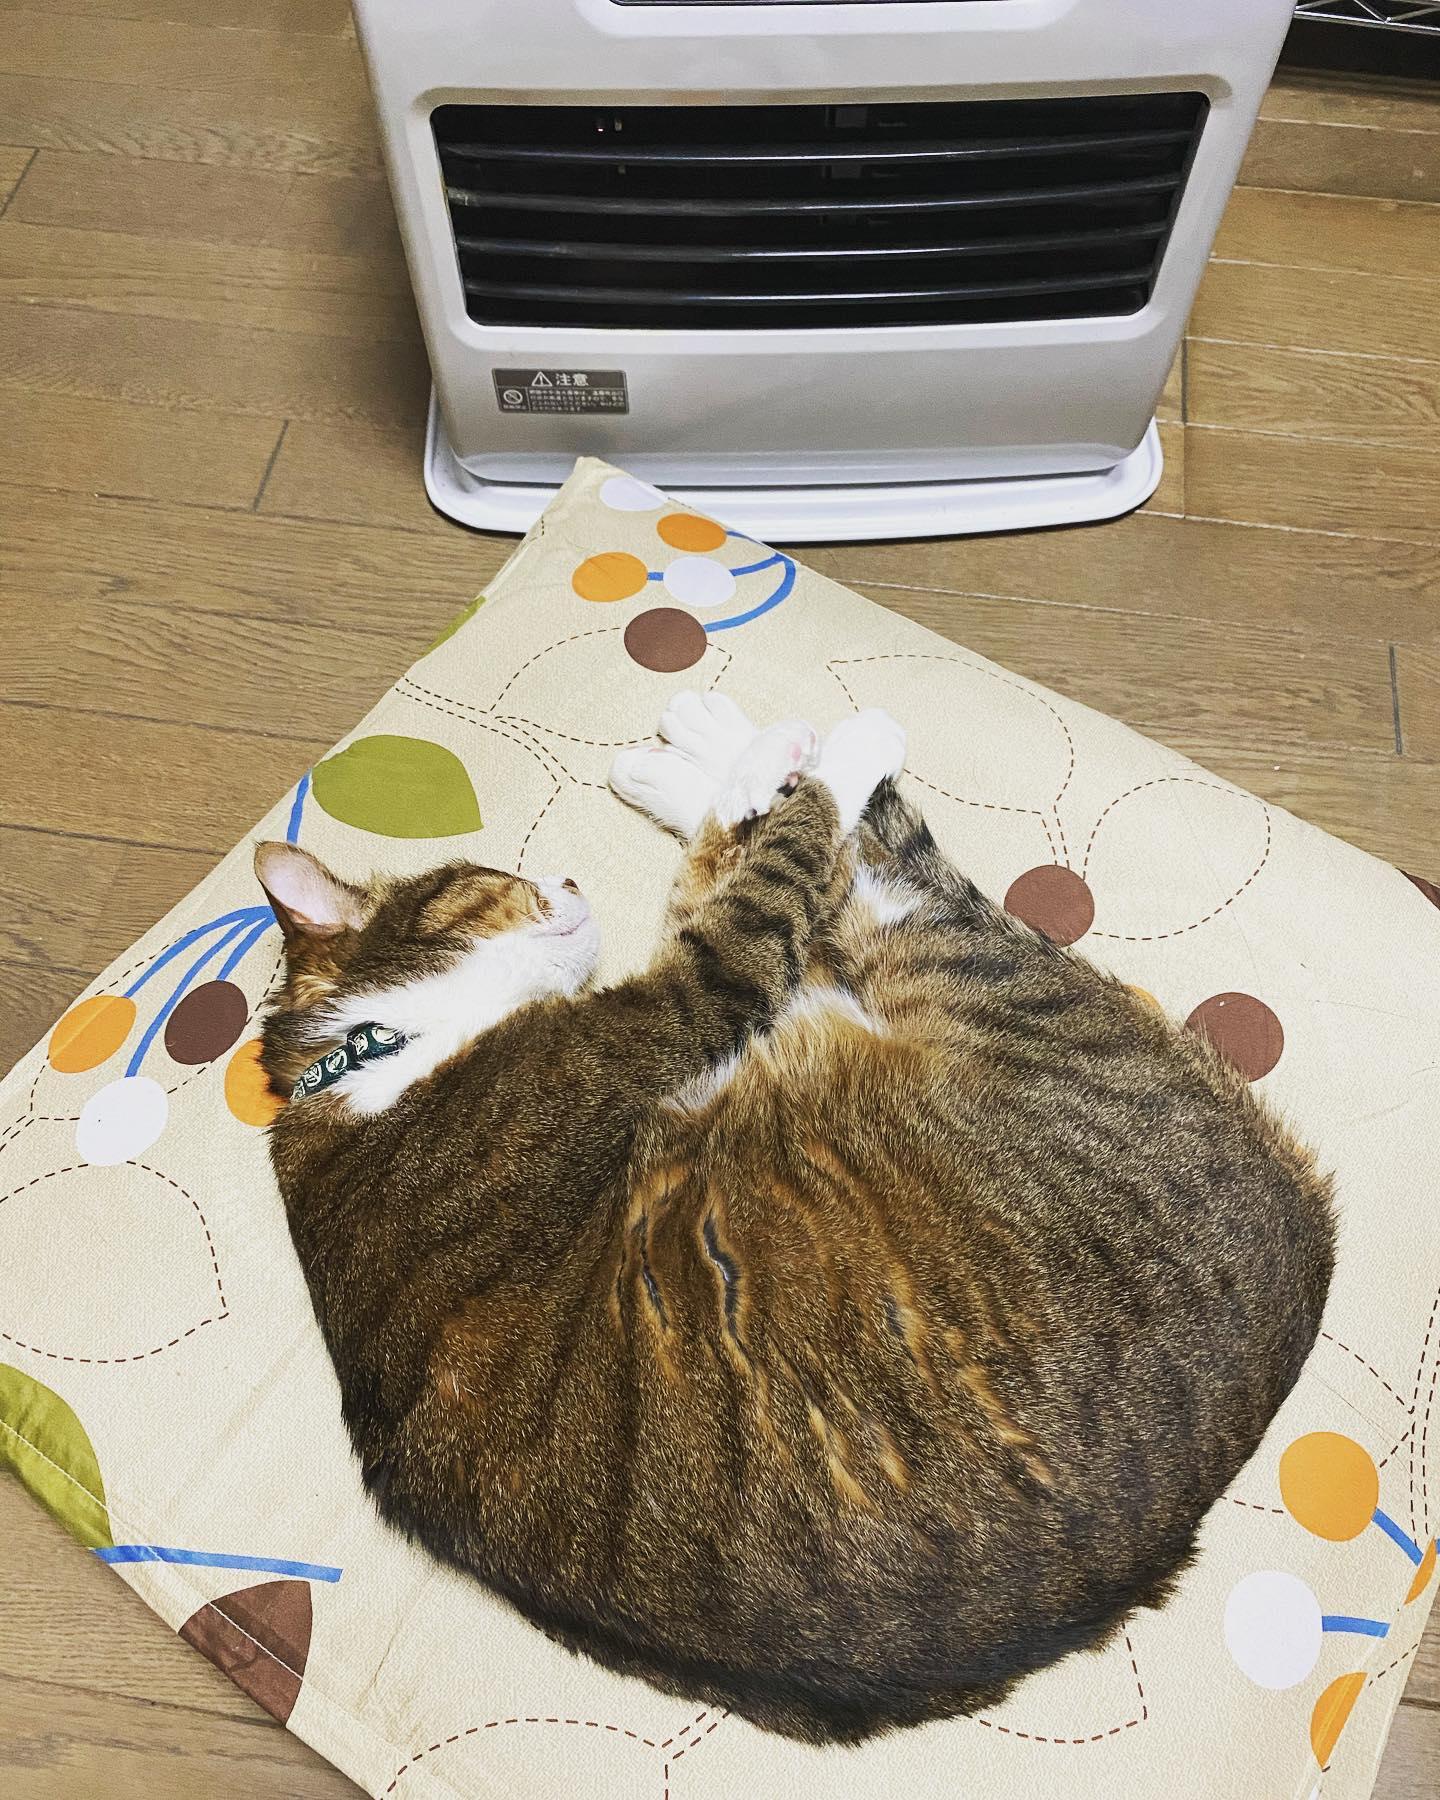 そこ好きな場所だね♪猫は居心地の良い場所... - 金沢片町るたん